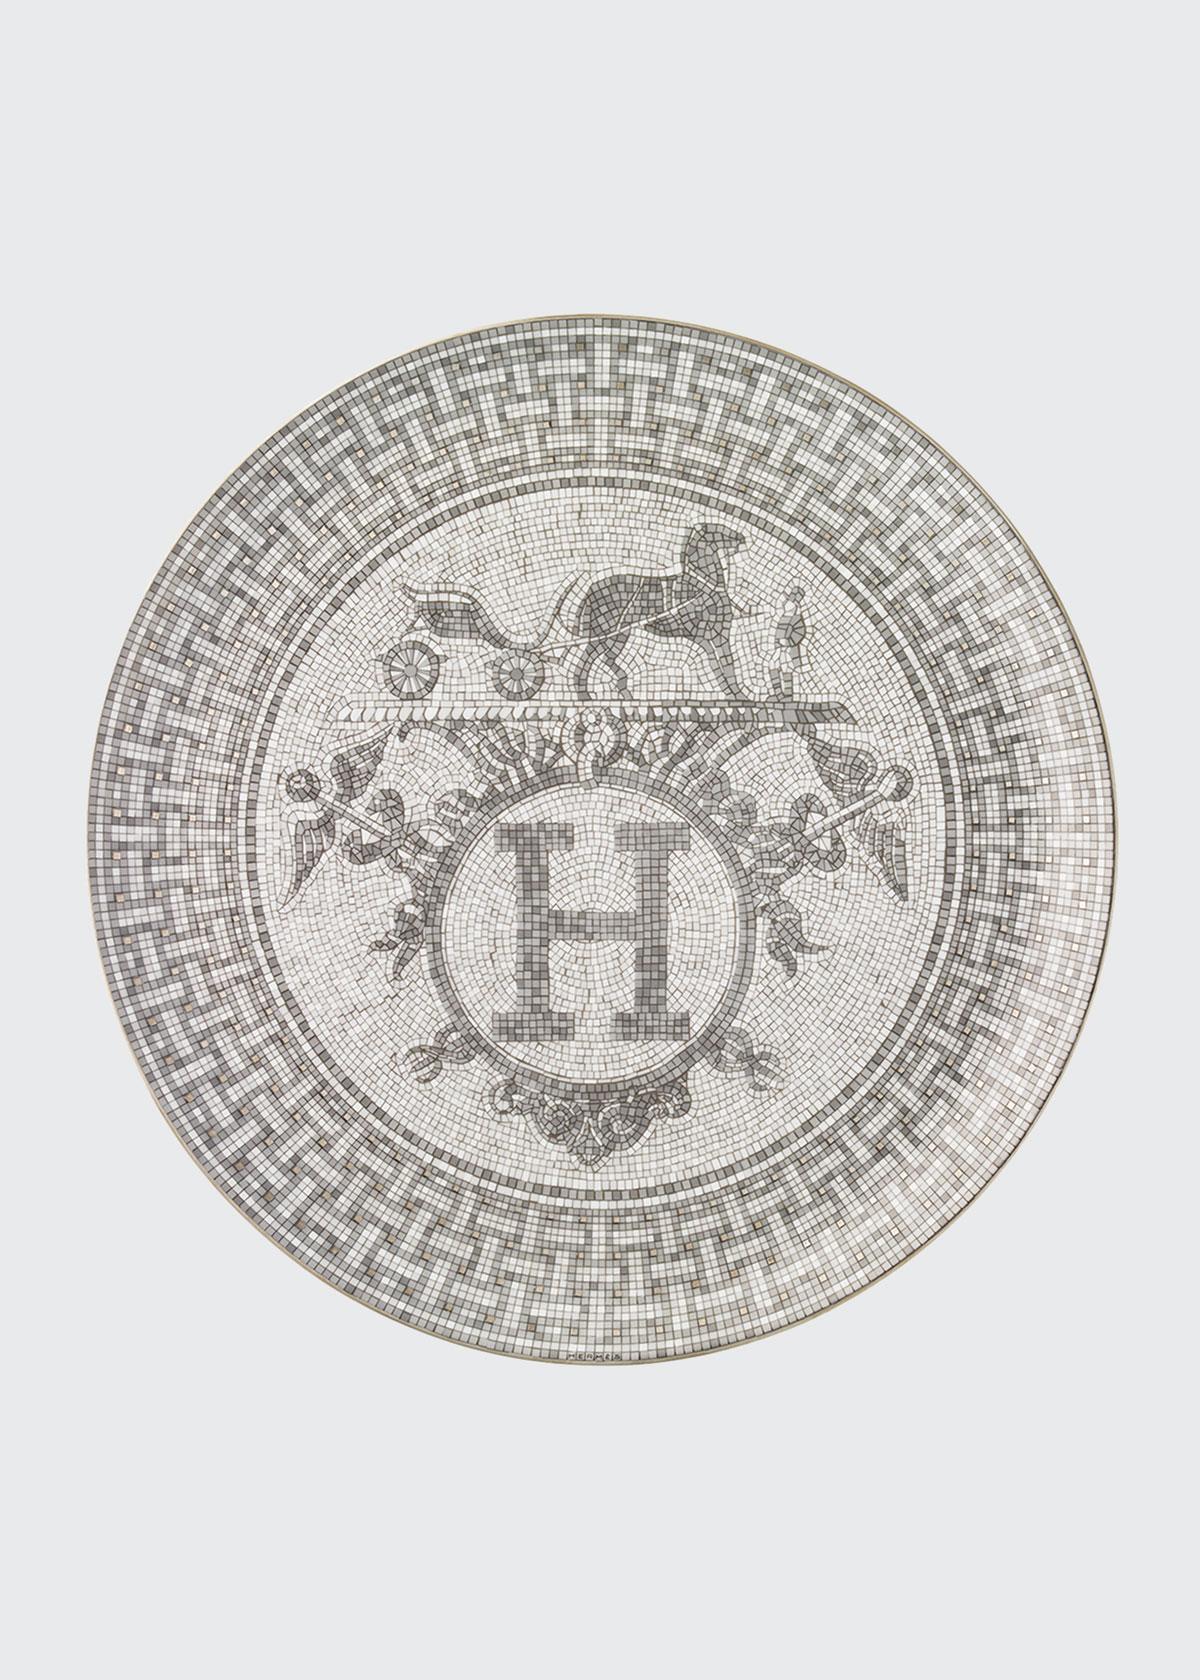 Herm S MOSAIQUE AU 24 PLATINUM TART PLATTER